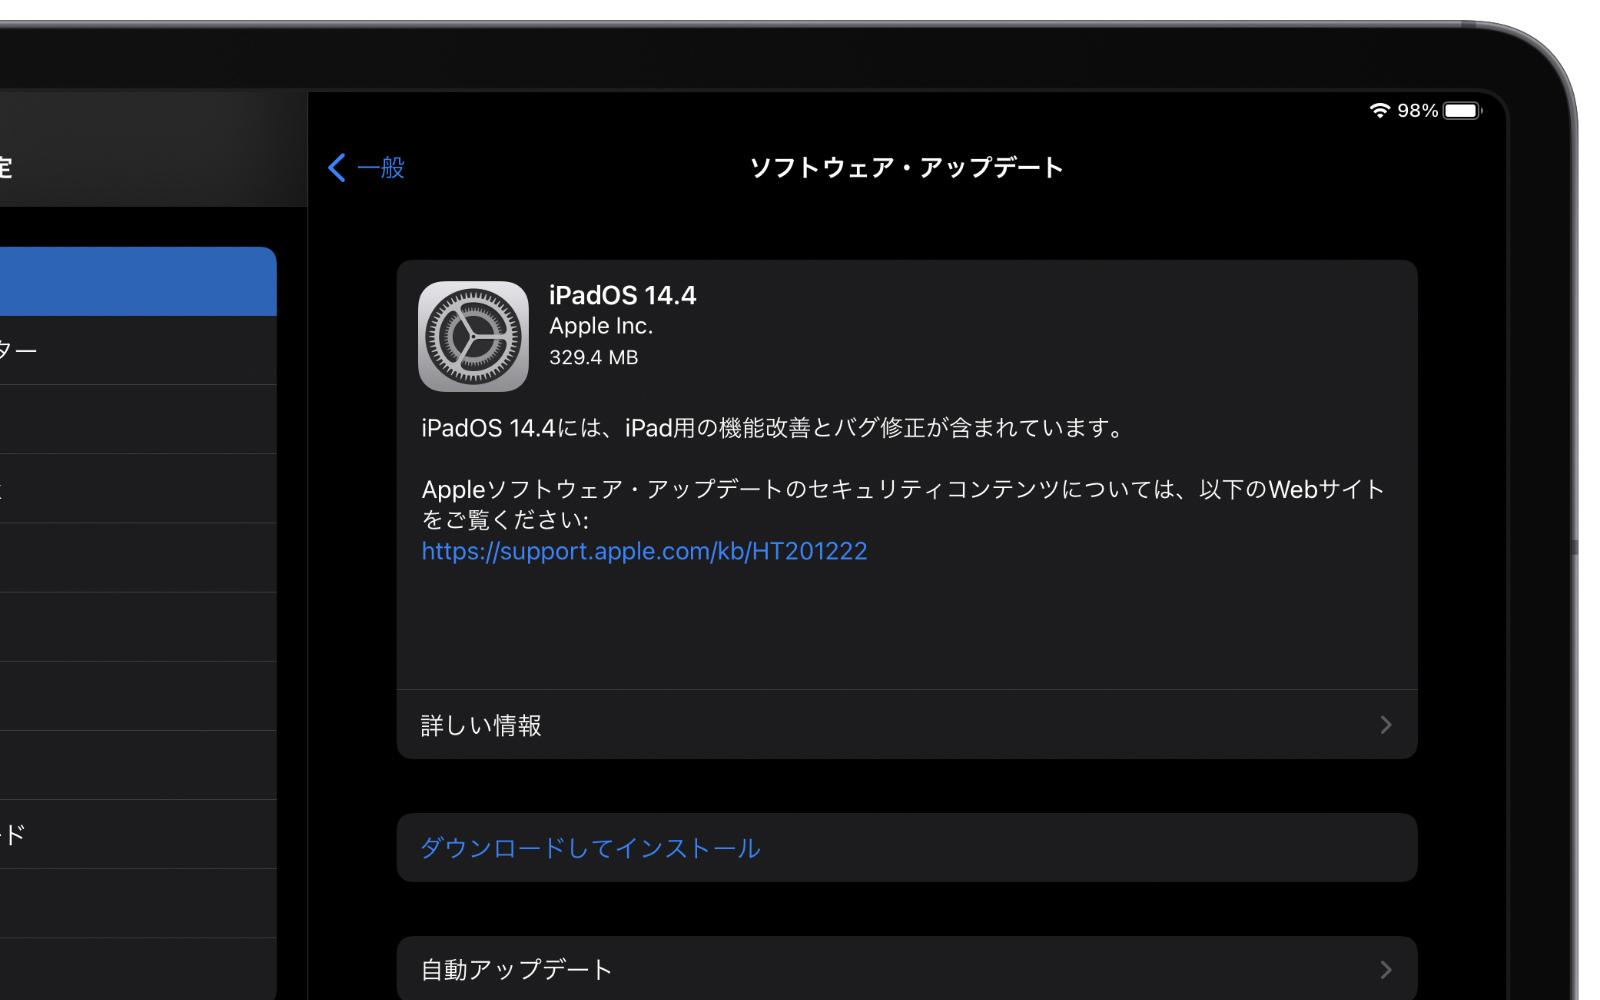 IPadOS 14 4 software update